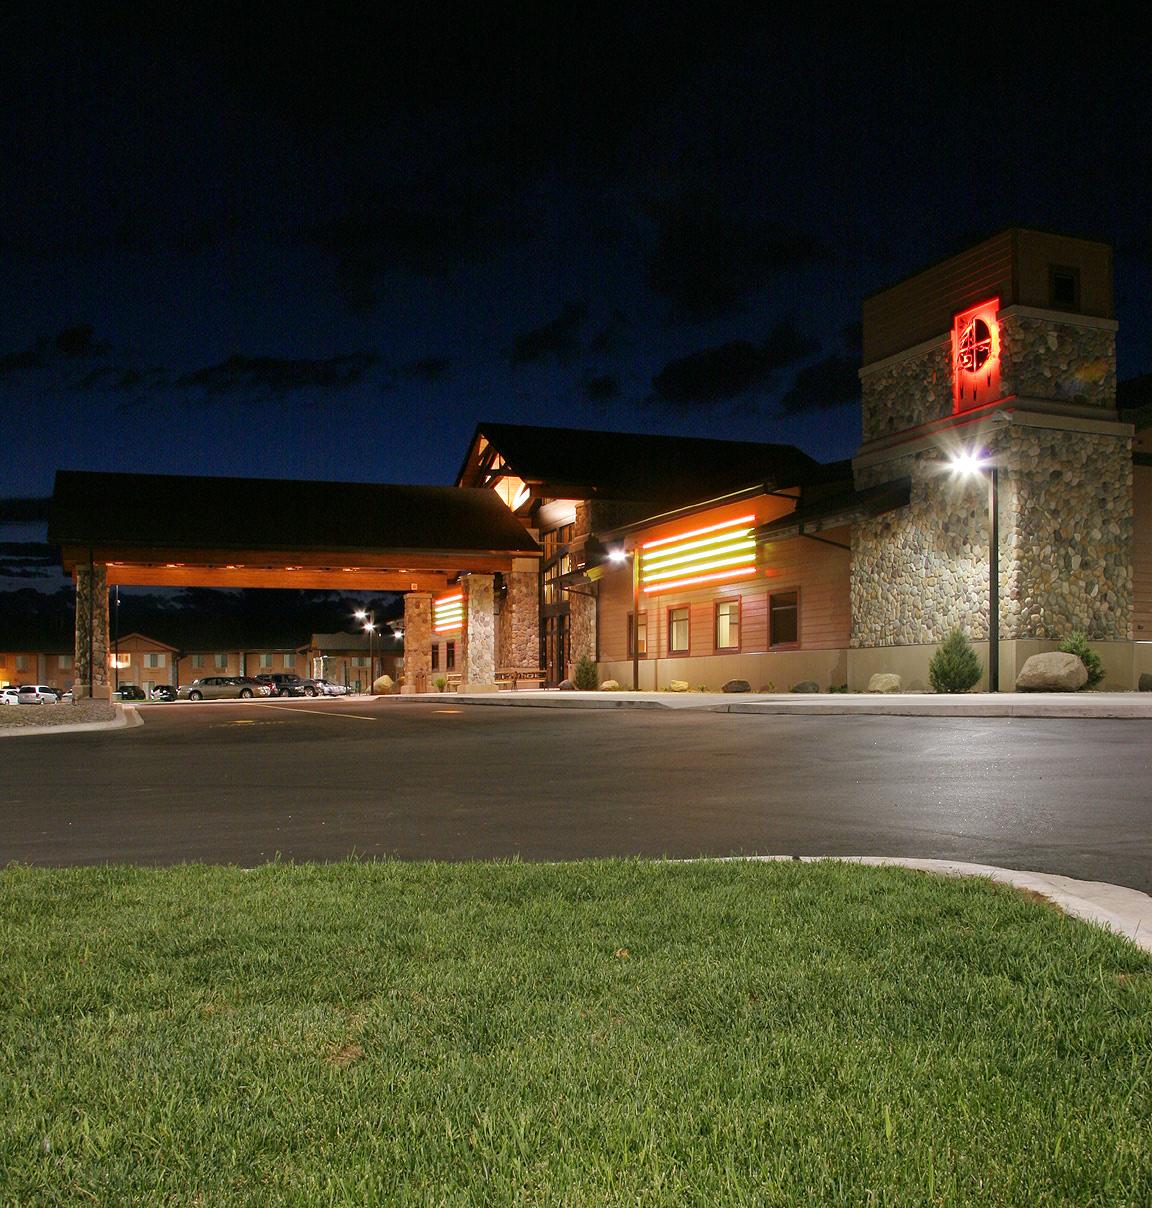 Potawatomi Carter Casino exterior at night